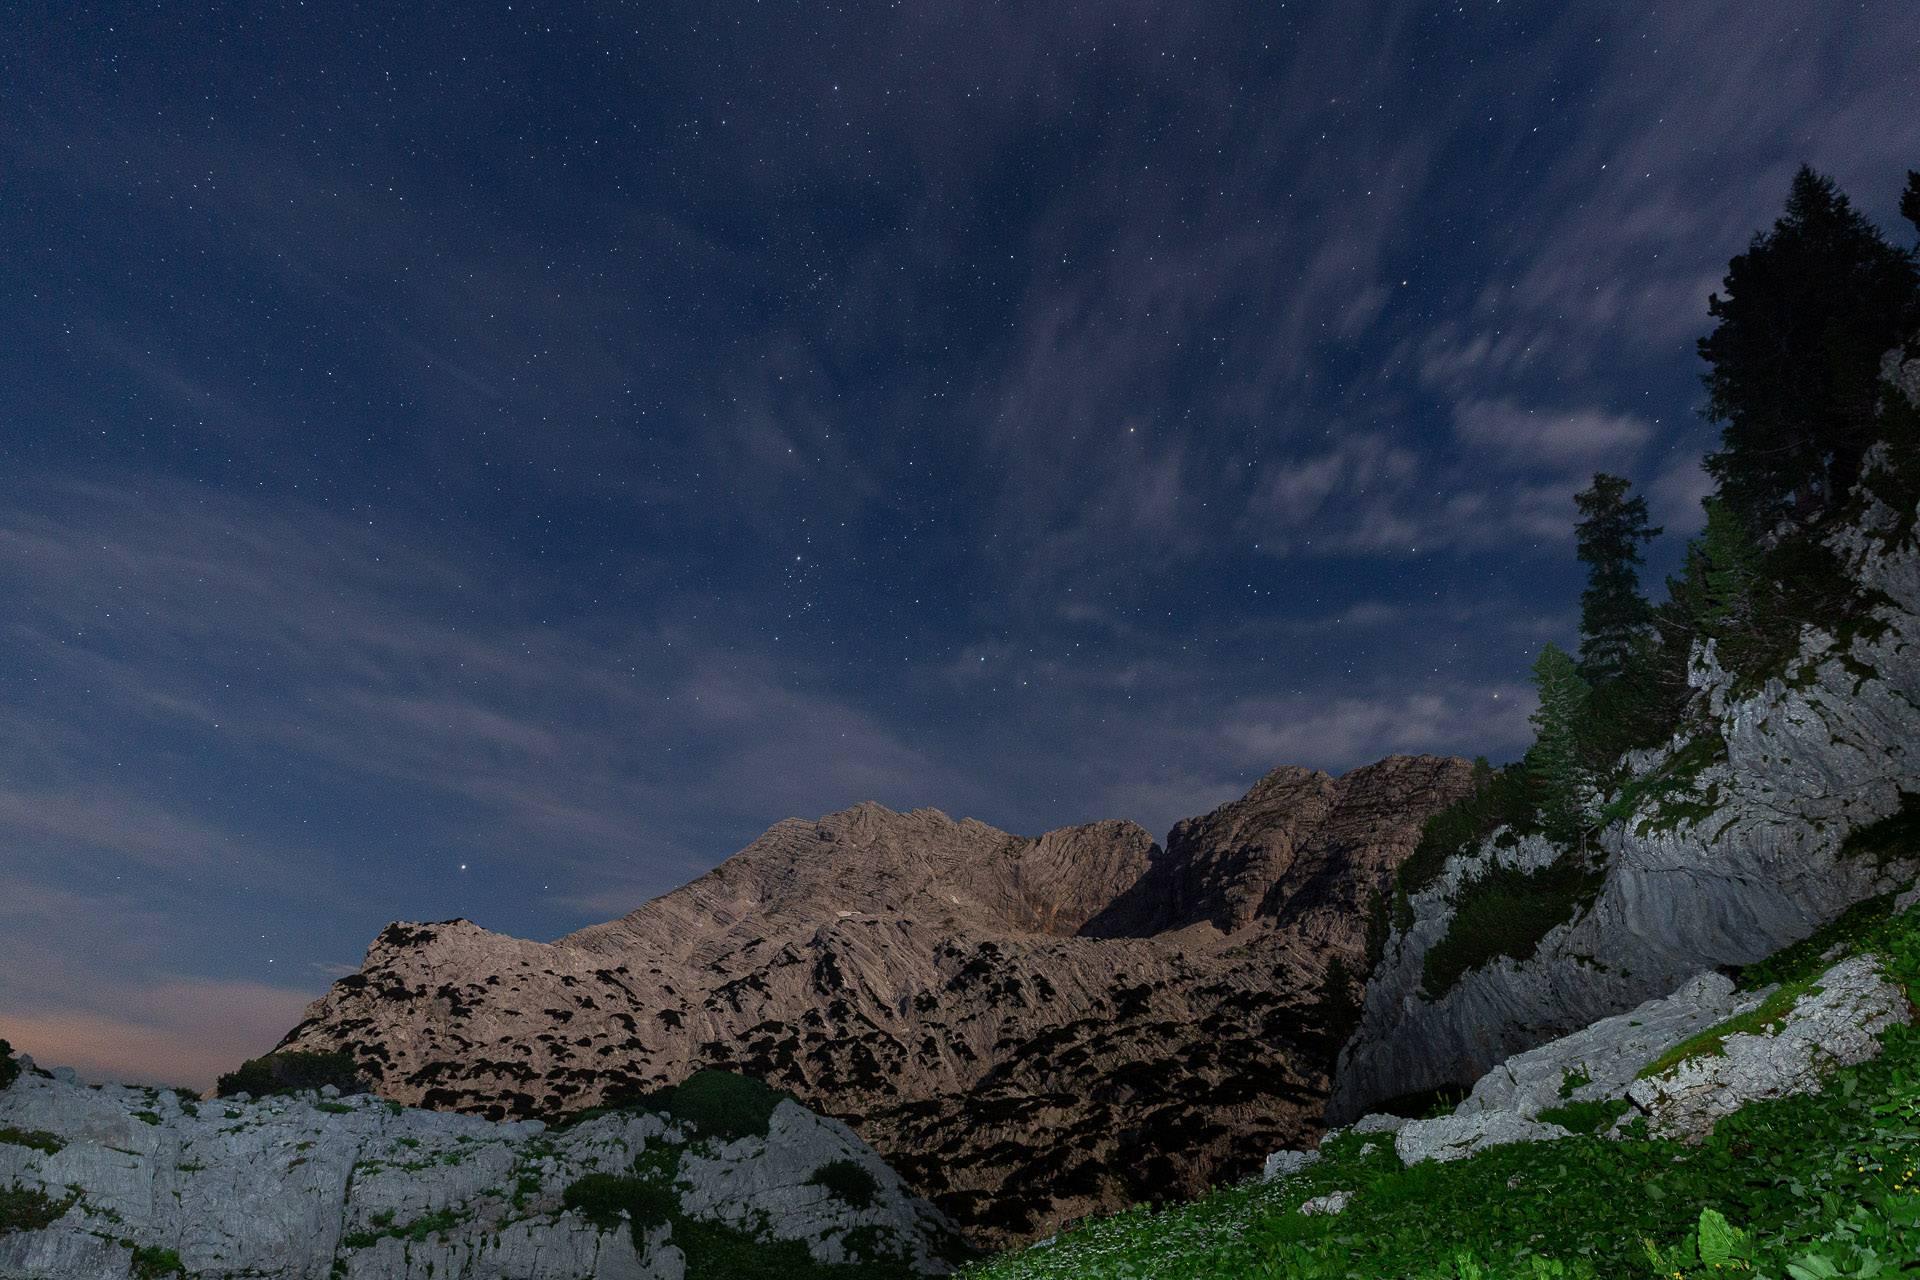 Mit einer Stirnlampe kannst du deinen Vordergrund ausleuchten und spezielle Licht und Farb-Effekte auf deine Nachtfotos zaubern.